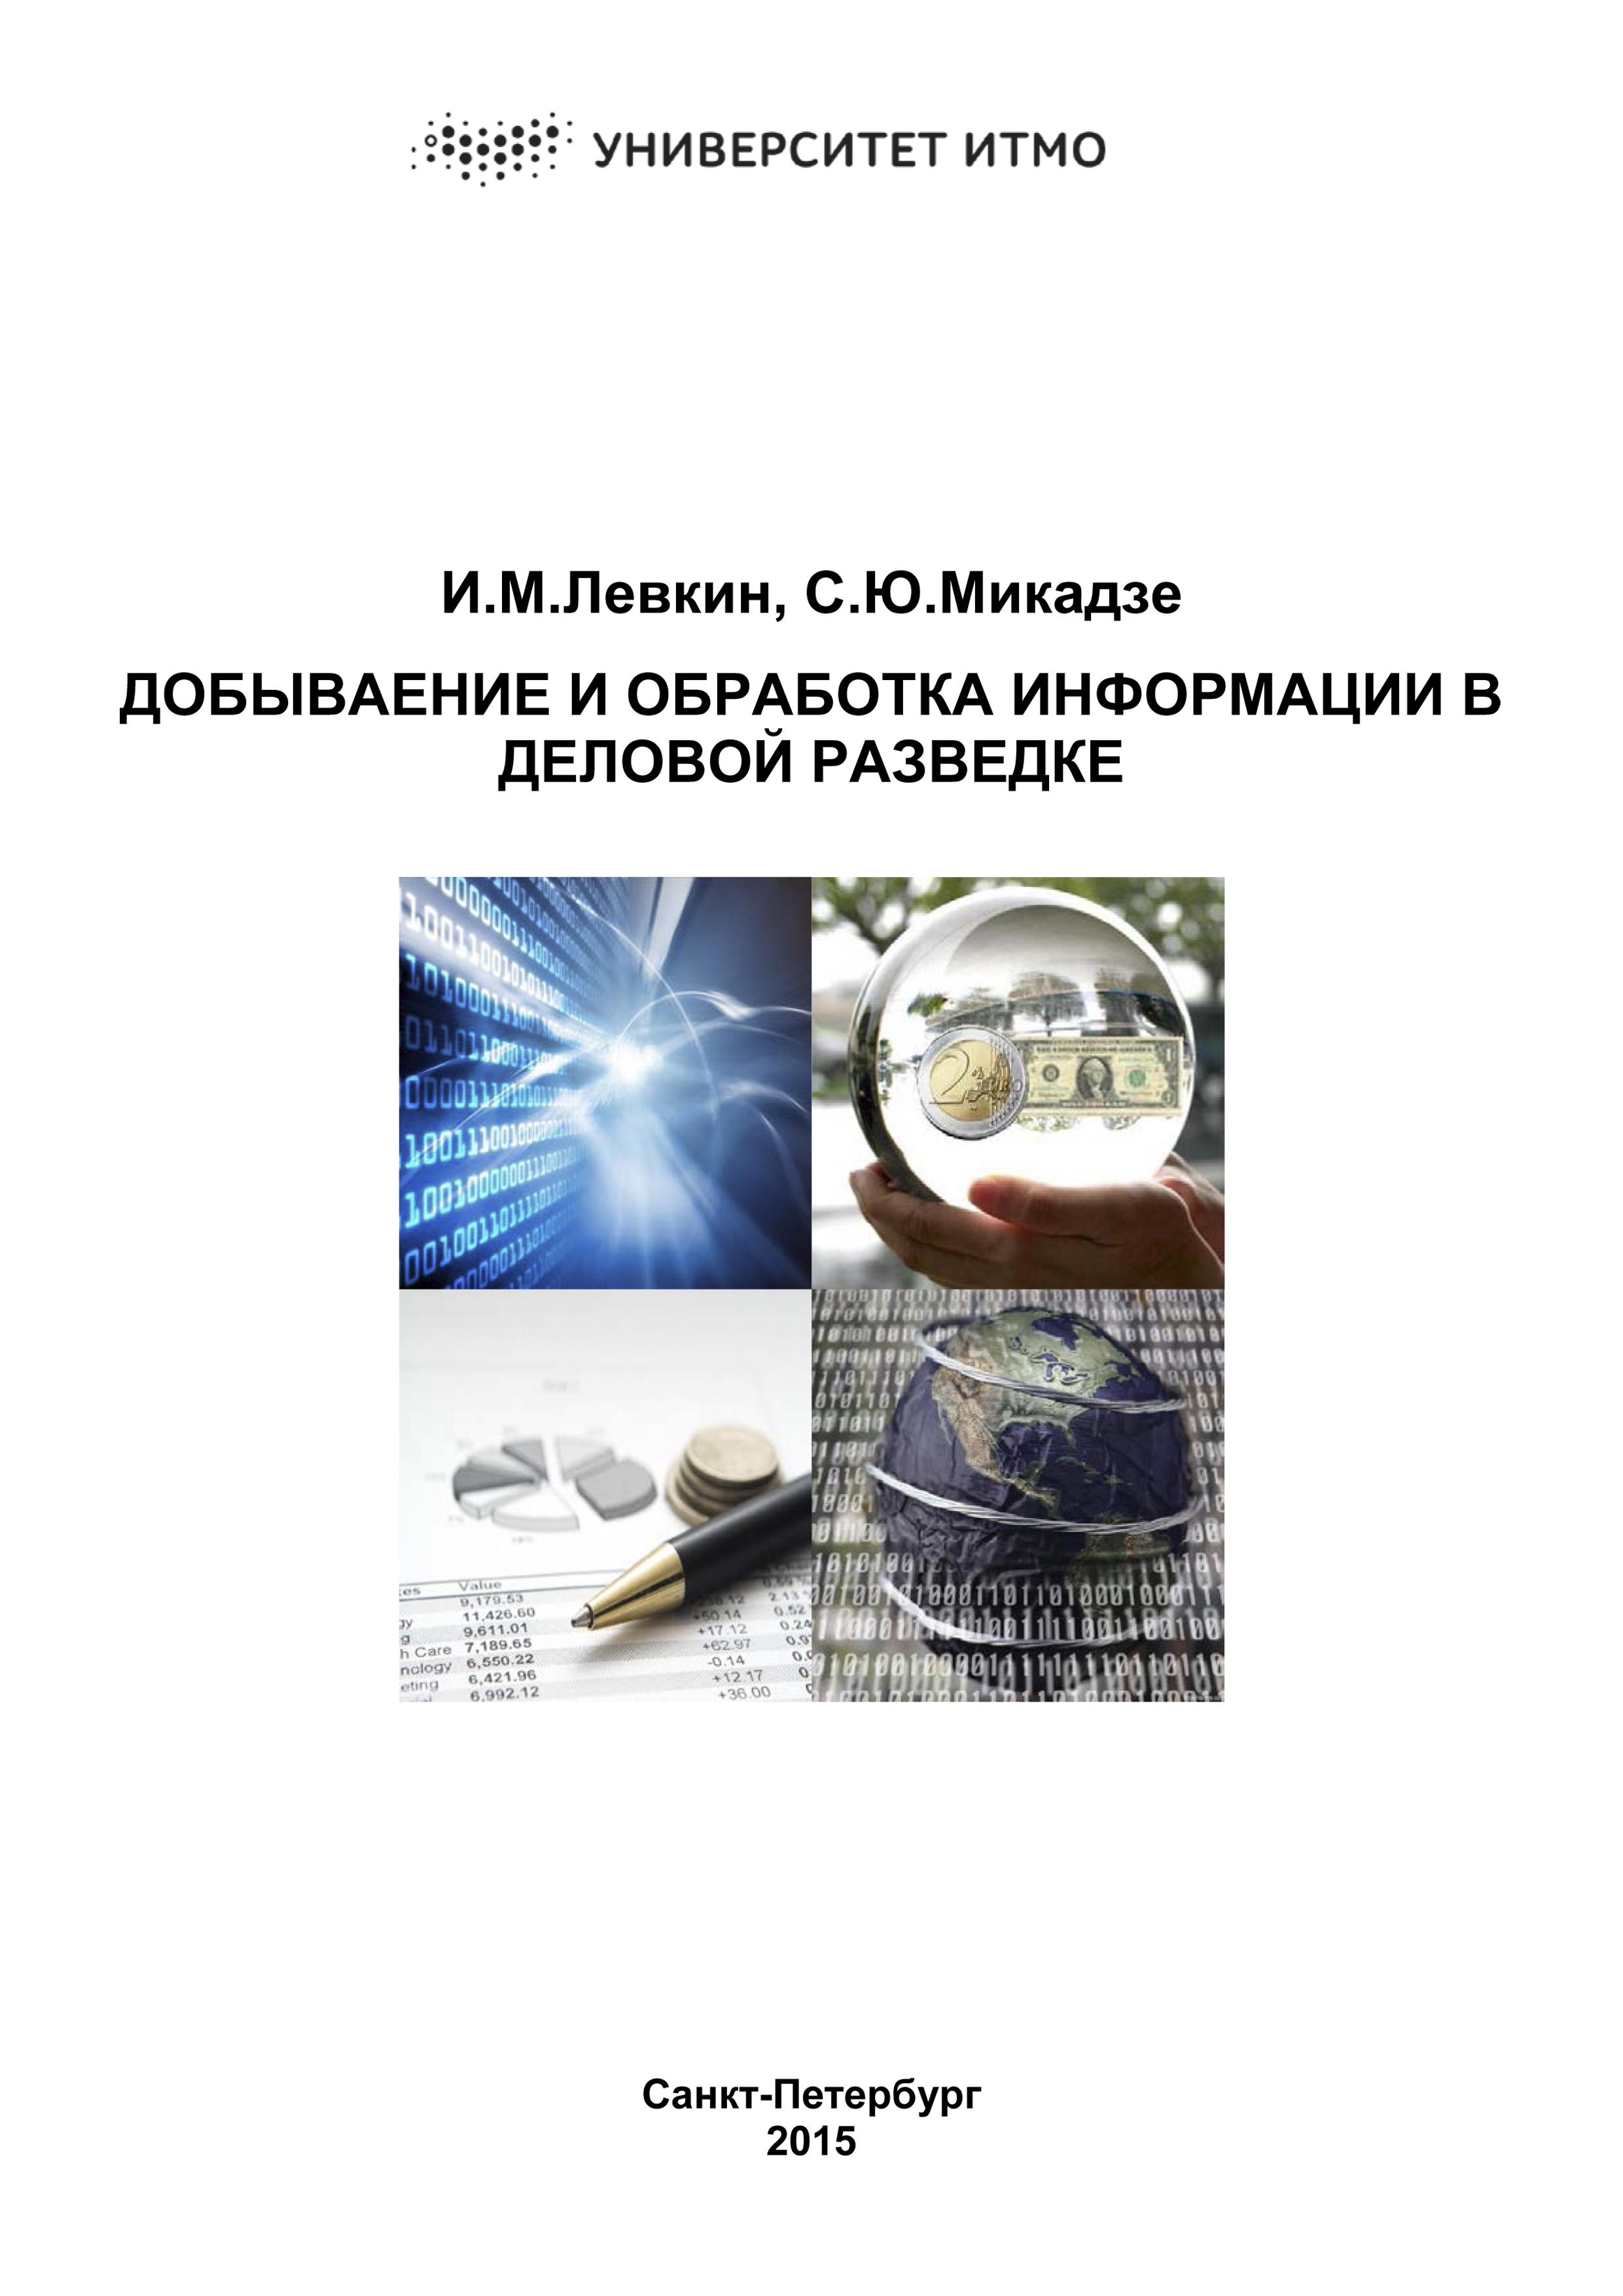 Добывание и обработка информации в деловой разведки.